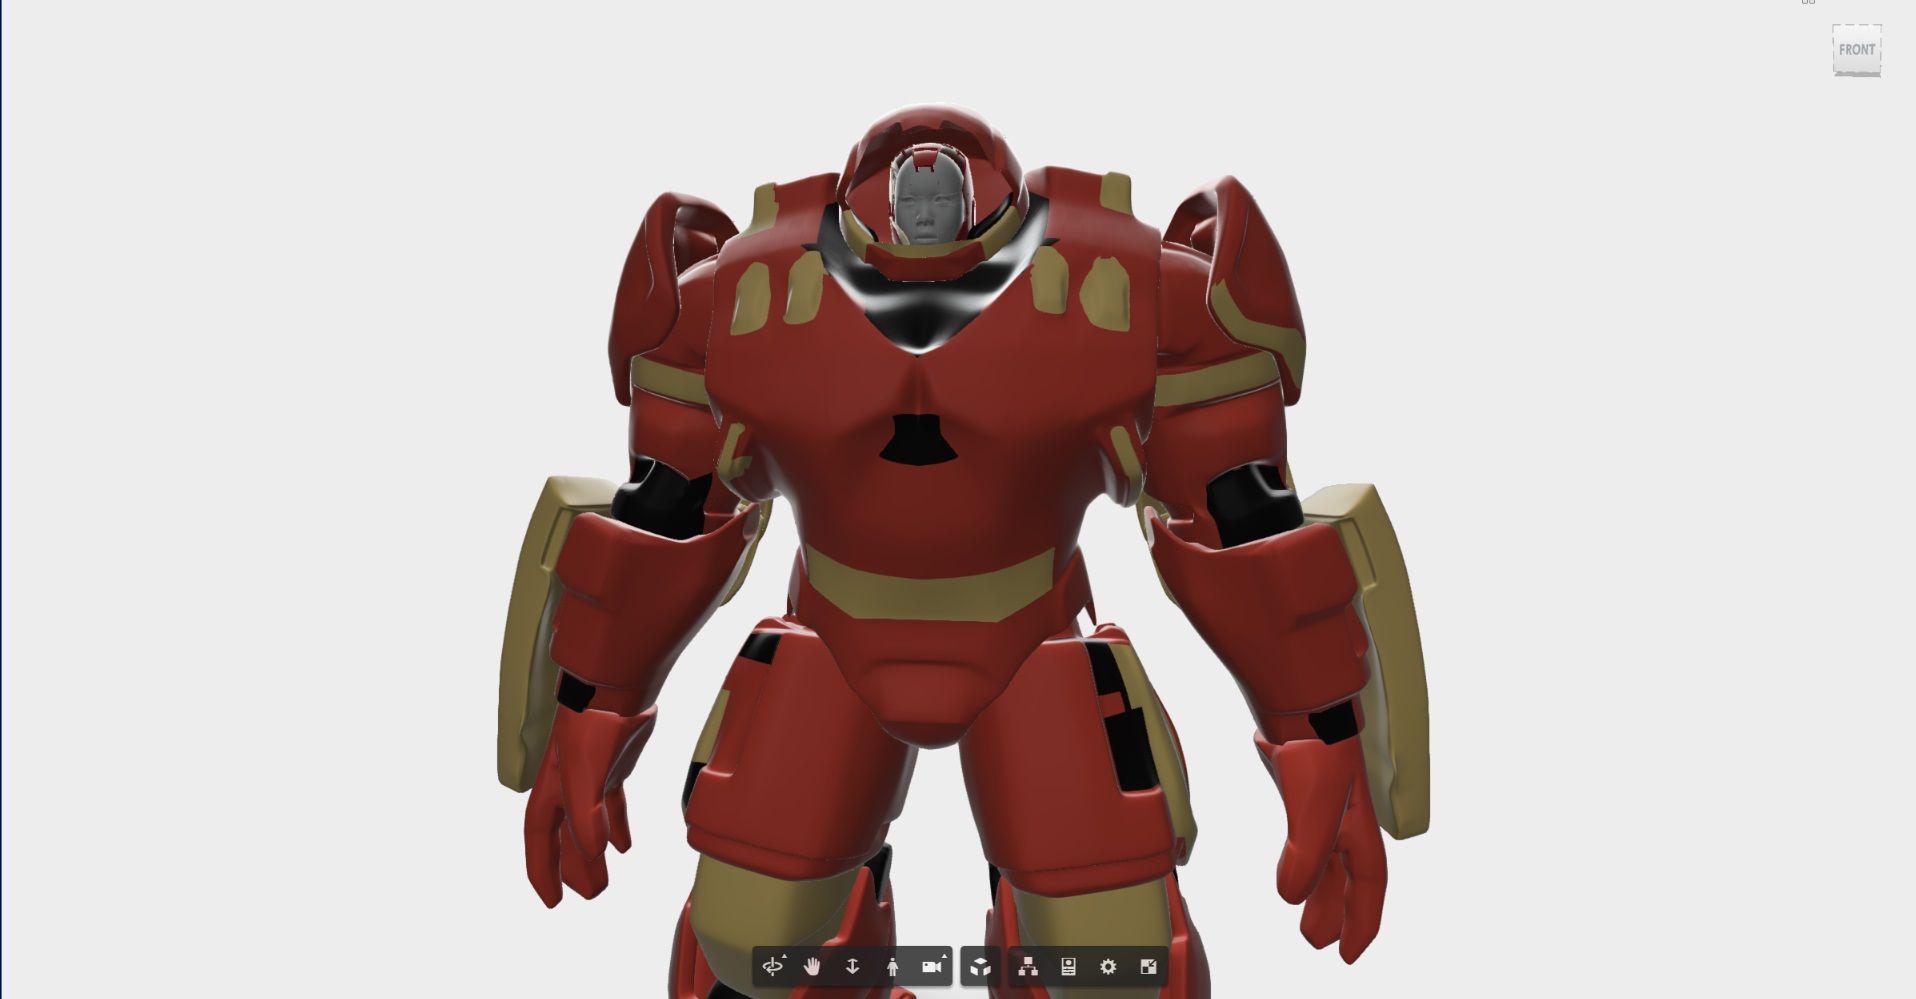 Hulk-3-3500-3500